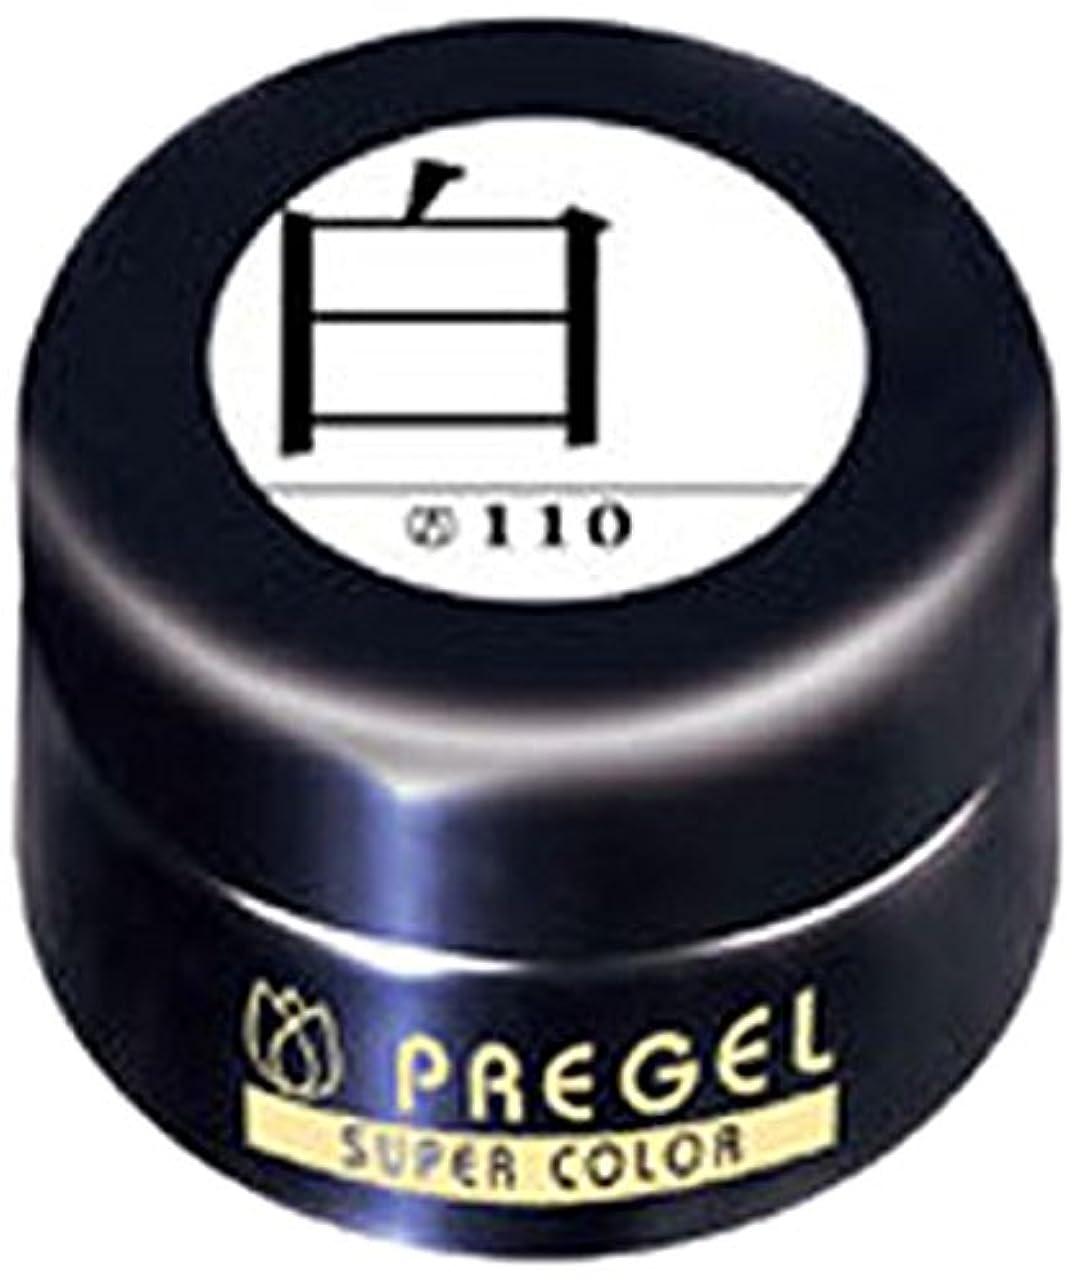 中絶時動力学プリジェル スーパーカラーEX 白 4g PG-SE110 カラージェル UV/LED対応